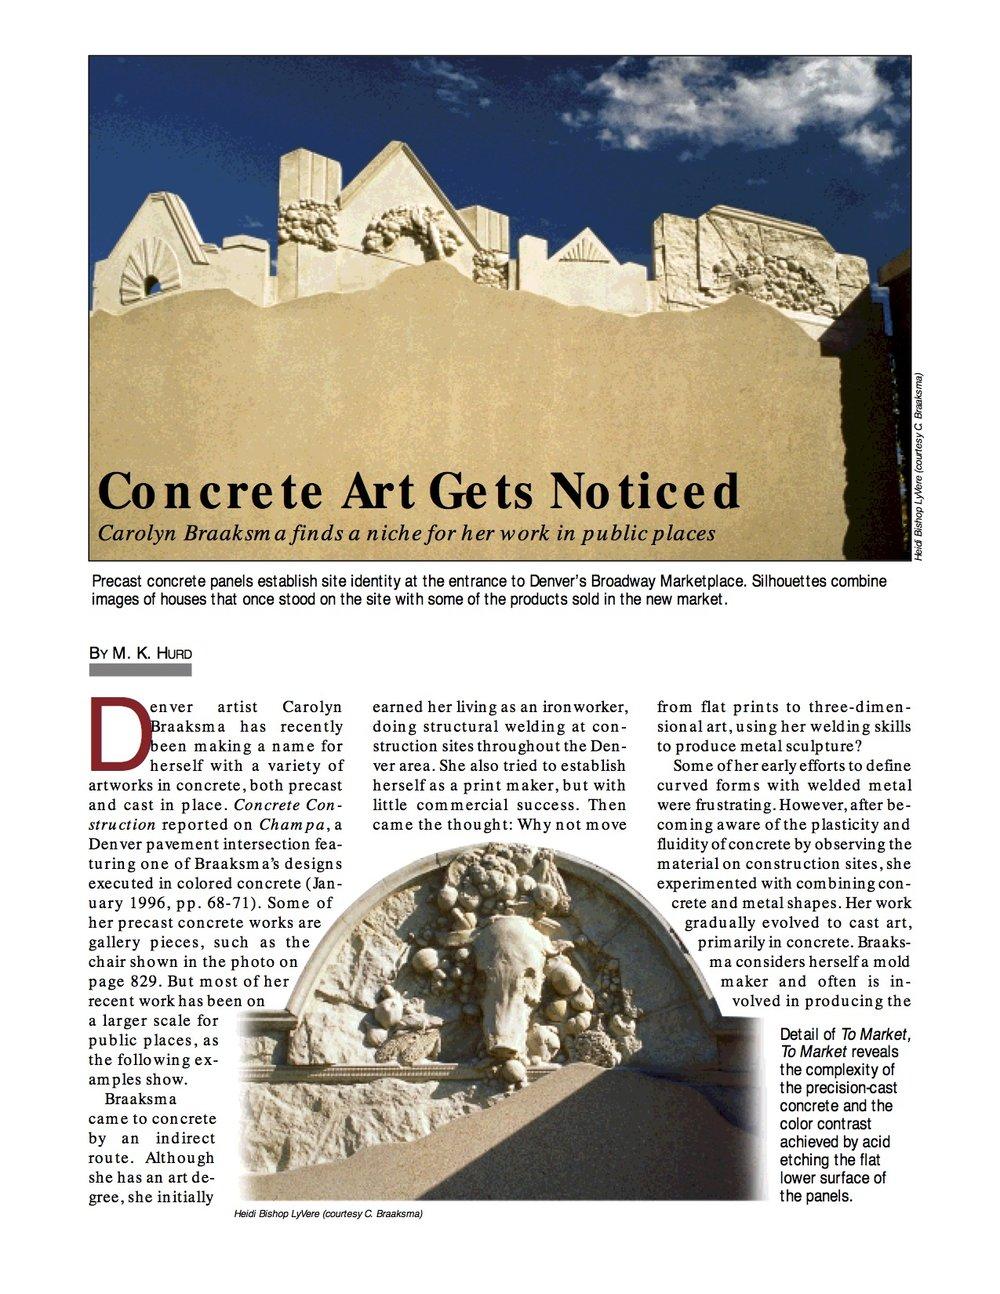 Concrete Construction Article PDF_ Concrete Art Gets Noticed (1).jpg